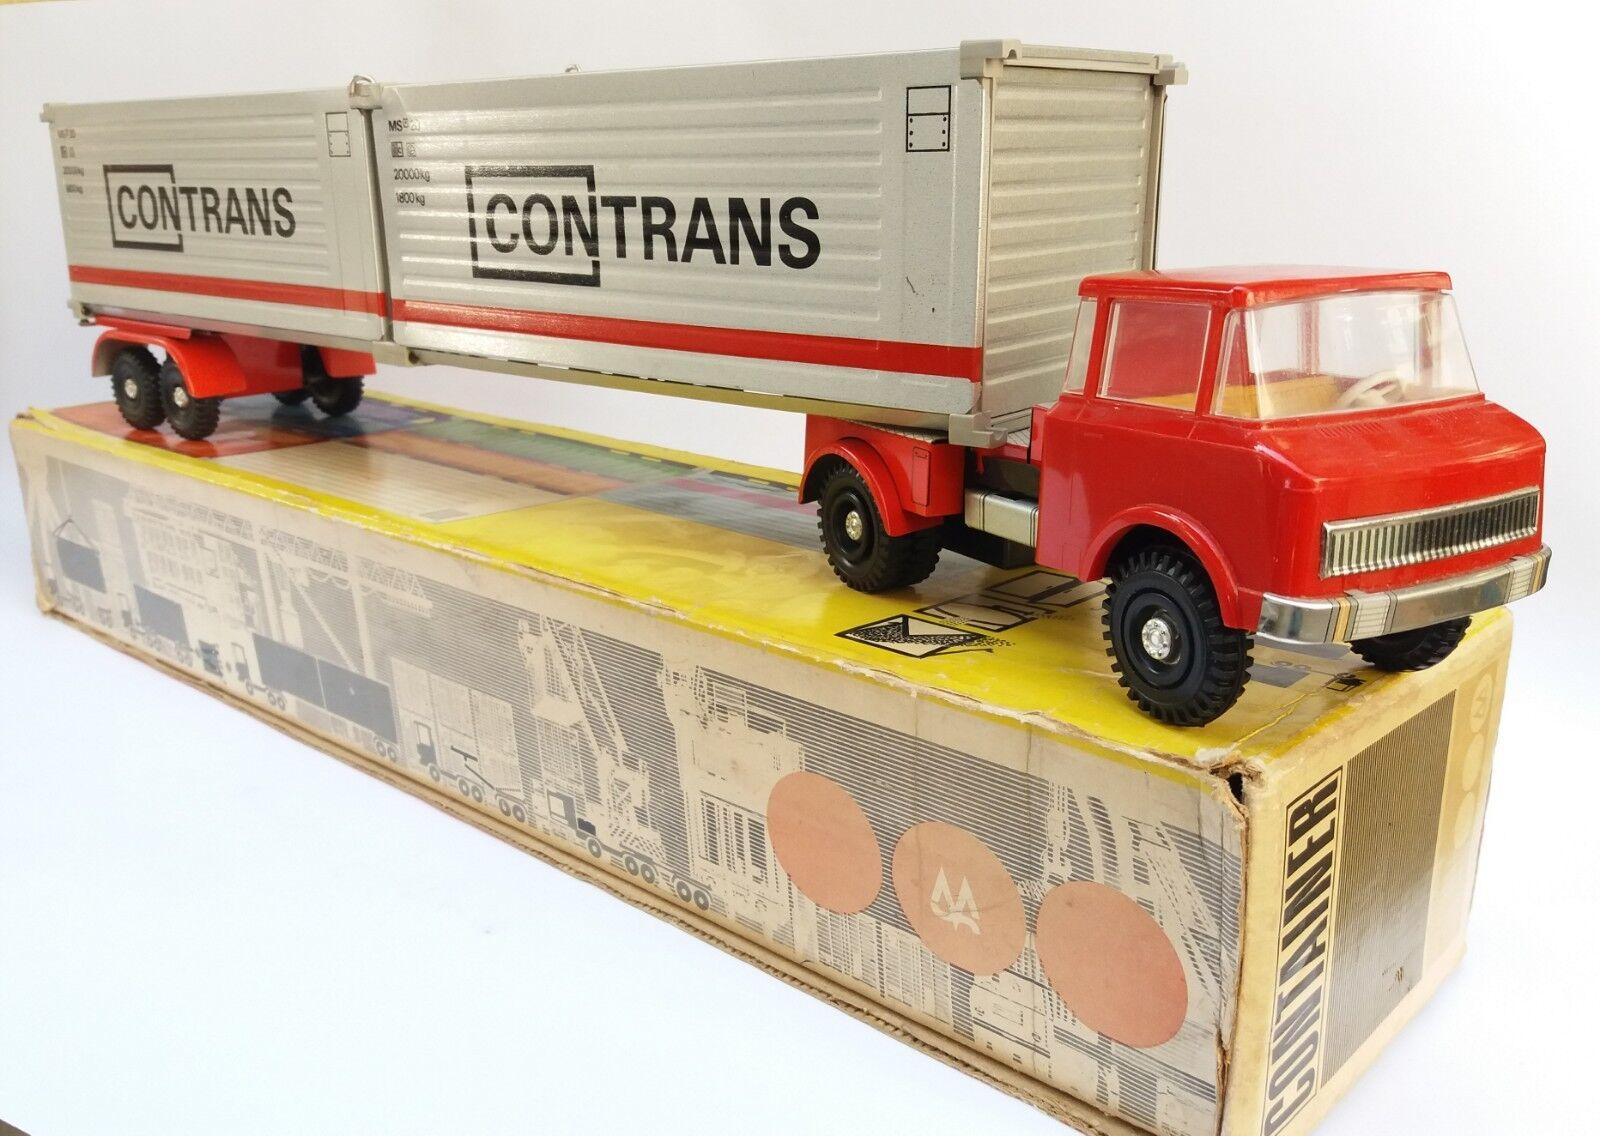 Vintage Ancien rare DDR Allemagne Plastique Tin Contrans camion jouet Miss Brandebourg + Boîte